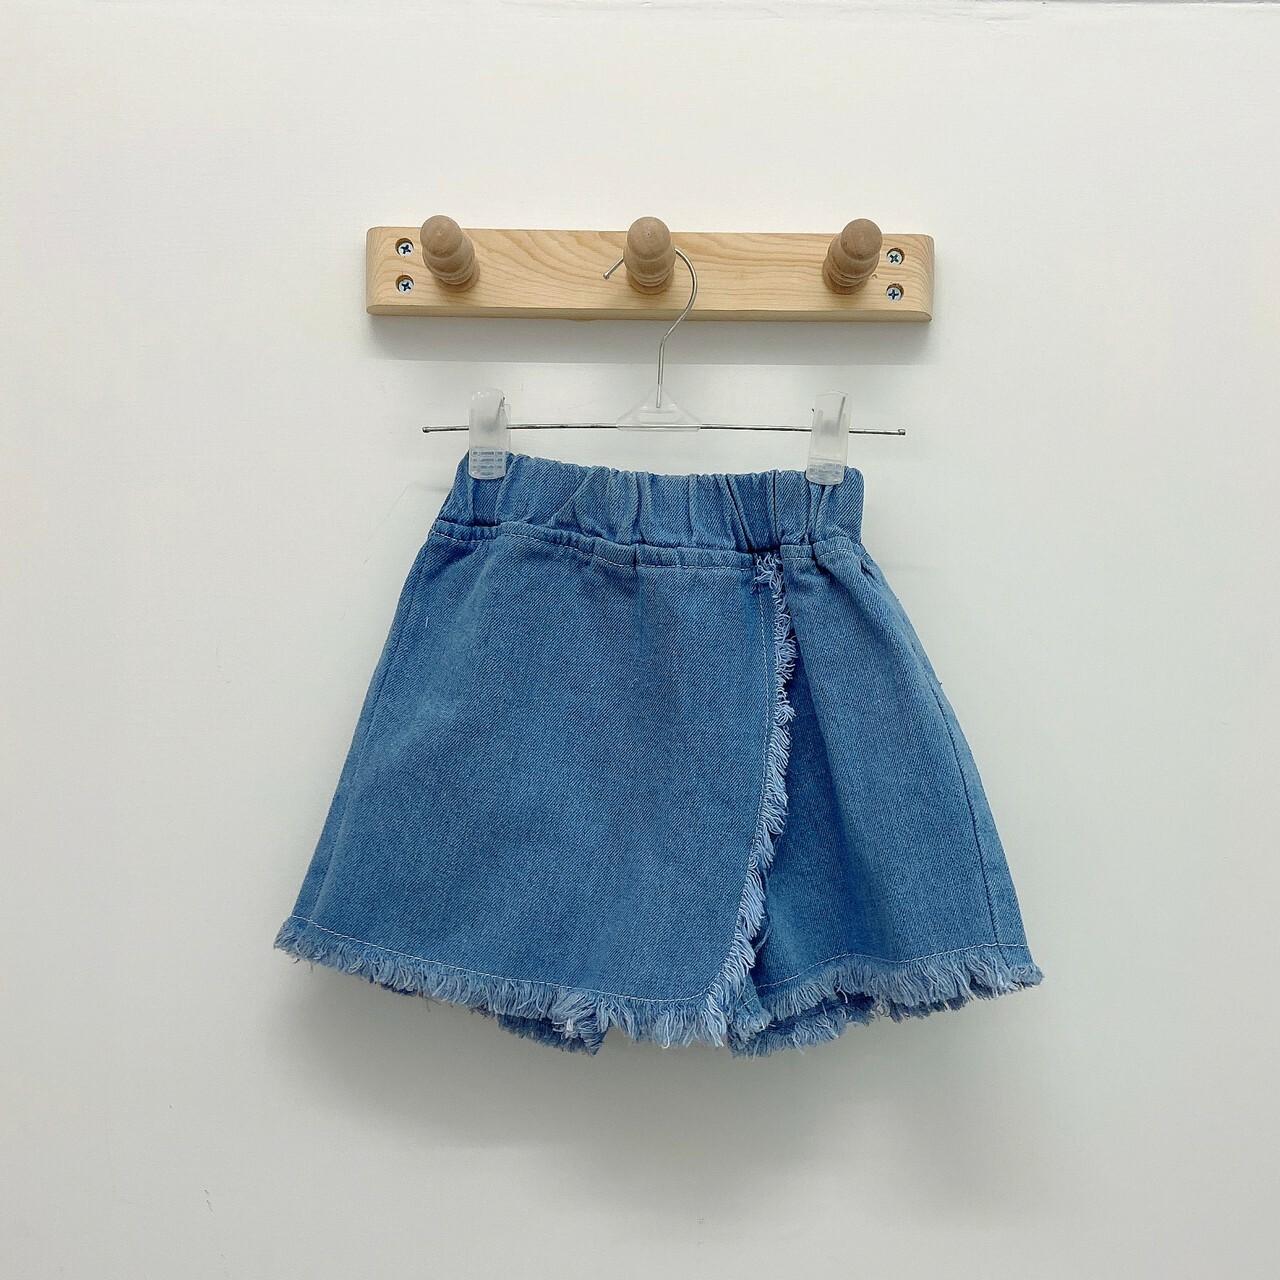 褲裙短 五~七分褲_210803_8.jpg